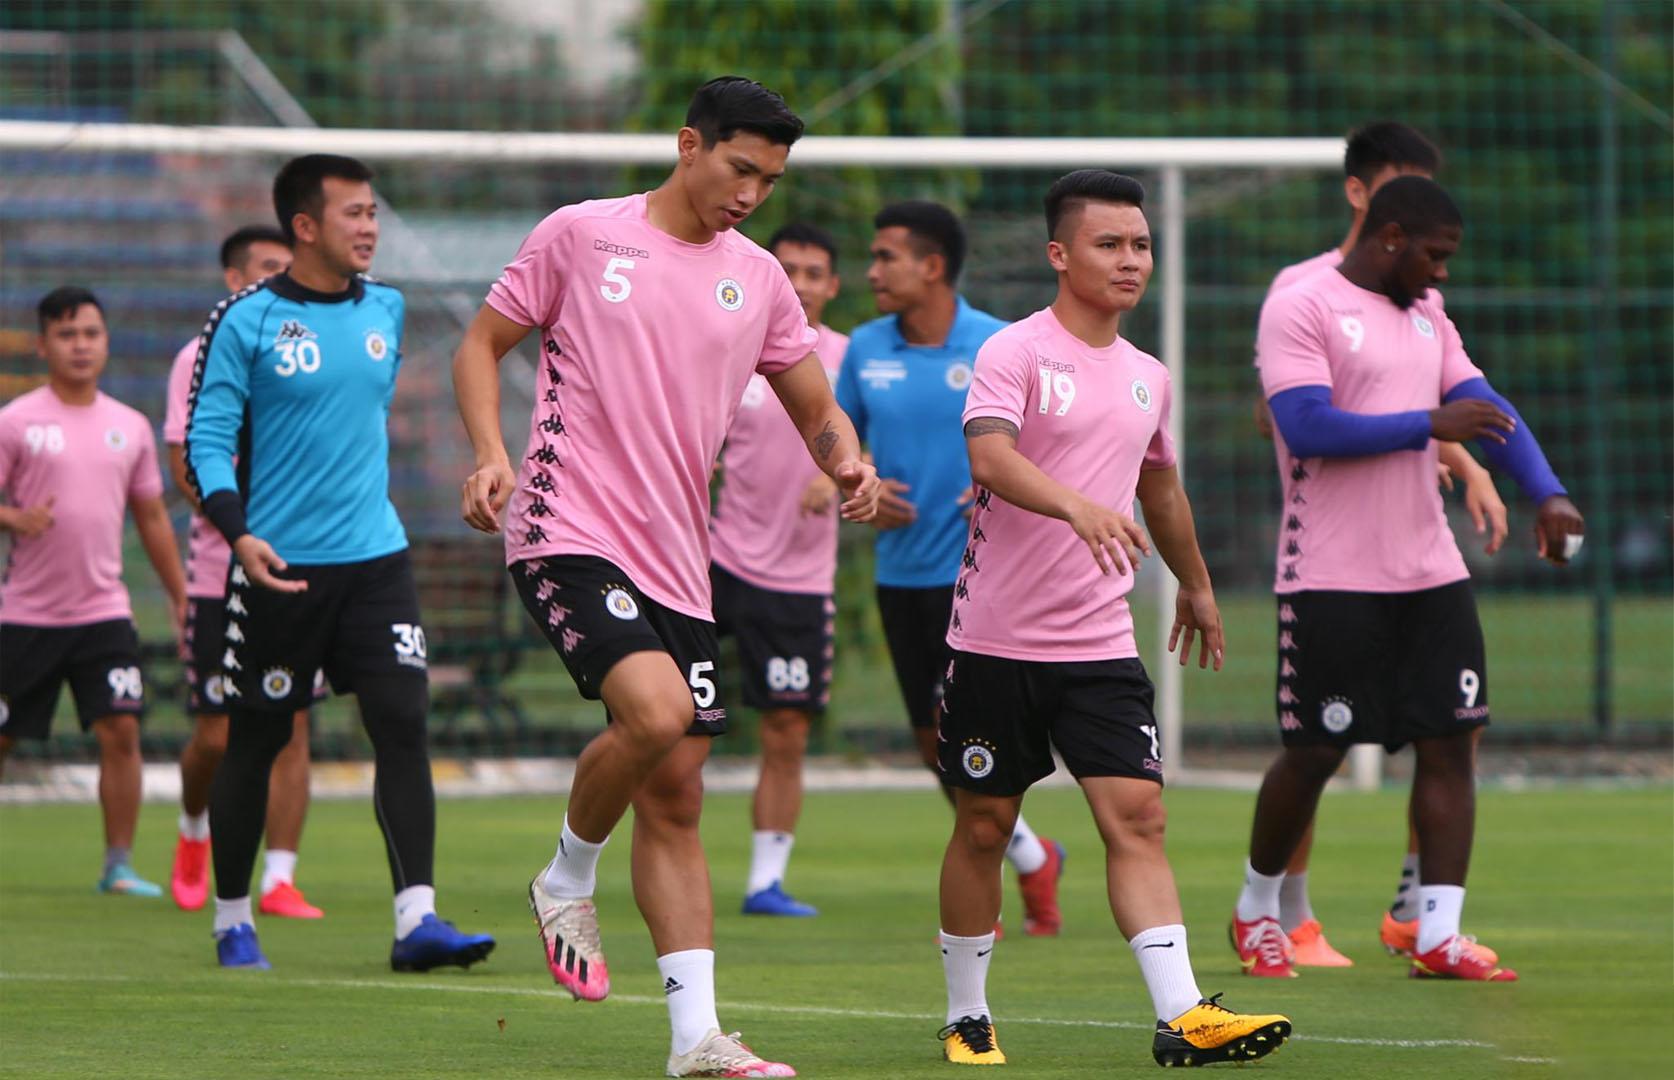 Văn Hậu ra sân với giày đá bóng Adidas X19.1 FG màu hồng trắng cực đẹp